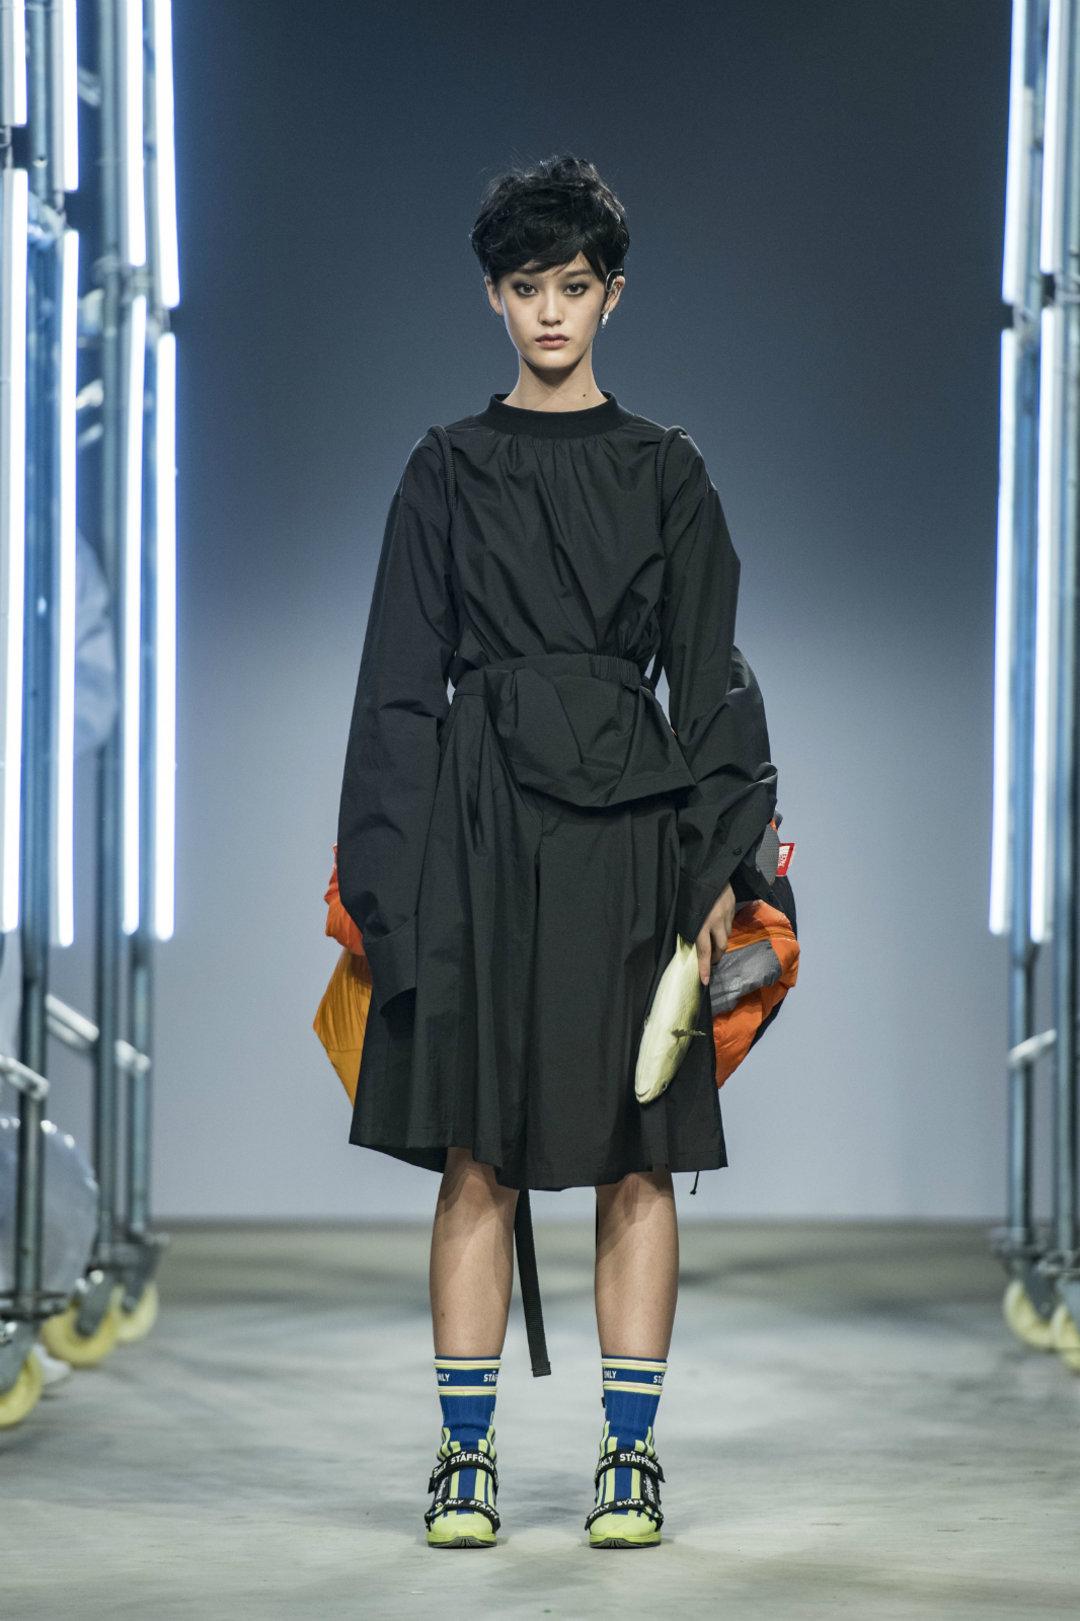 两个男装设计师,想让庸常的生活变得有趣 | 上海时装周_时尚_好奇心日报